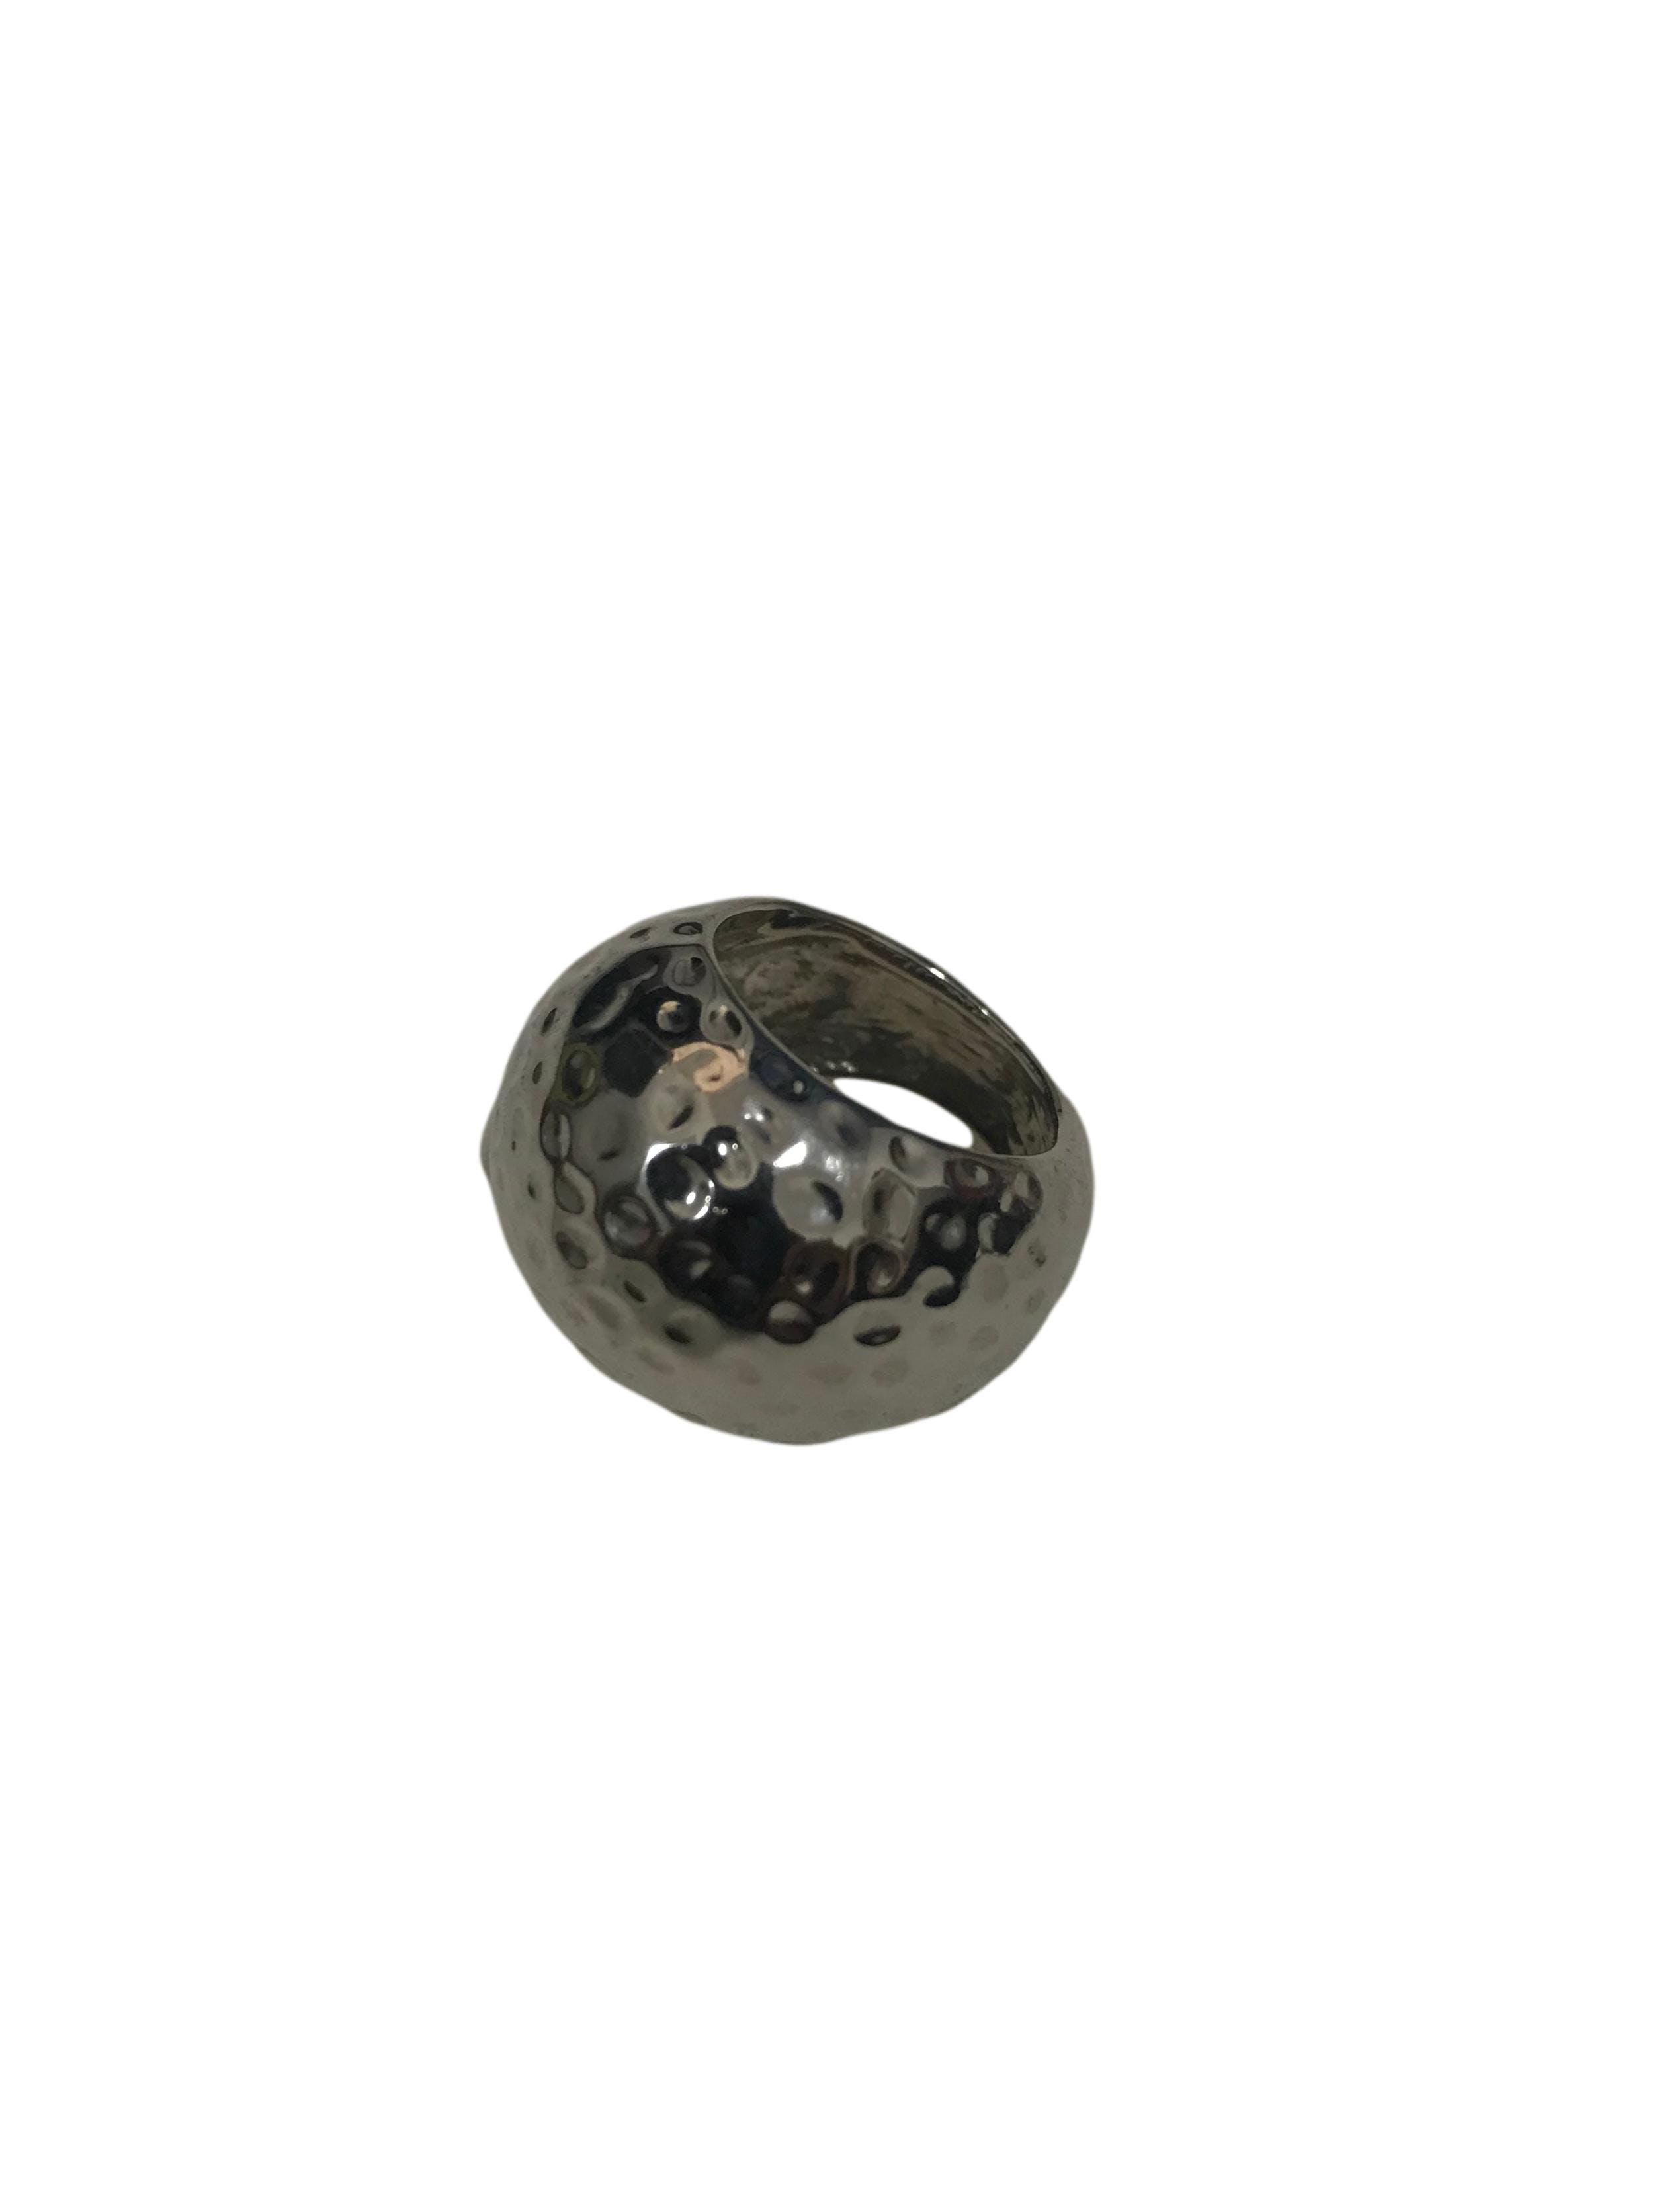 Anillo grueso metálico plateado con textura. Ancho 2cm